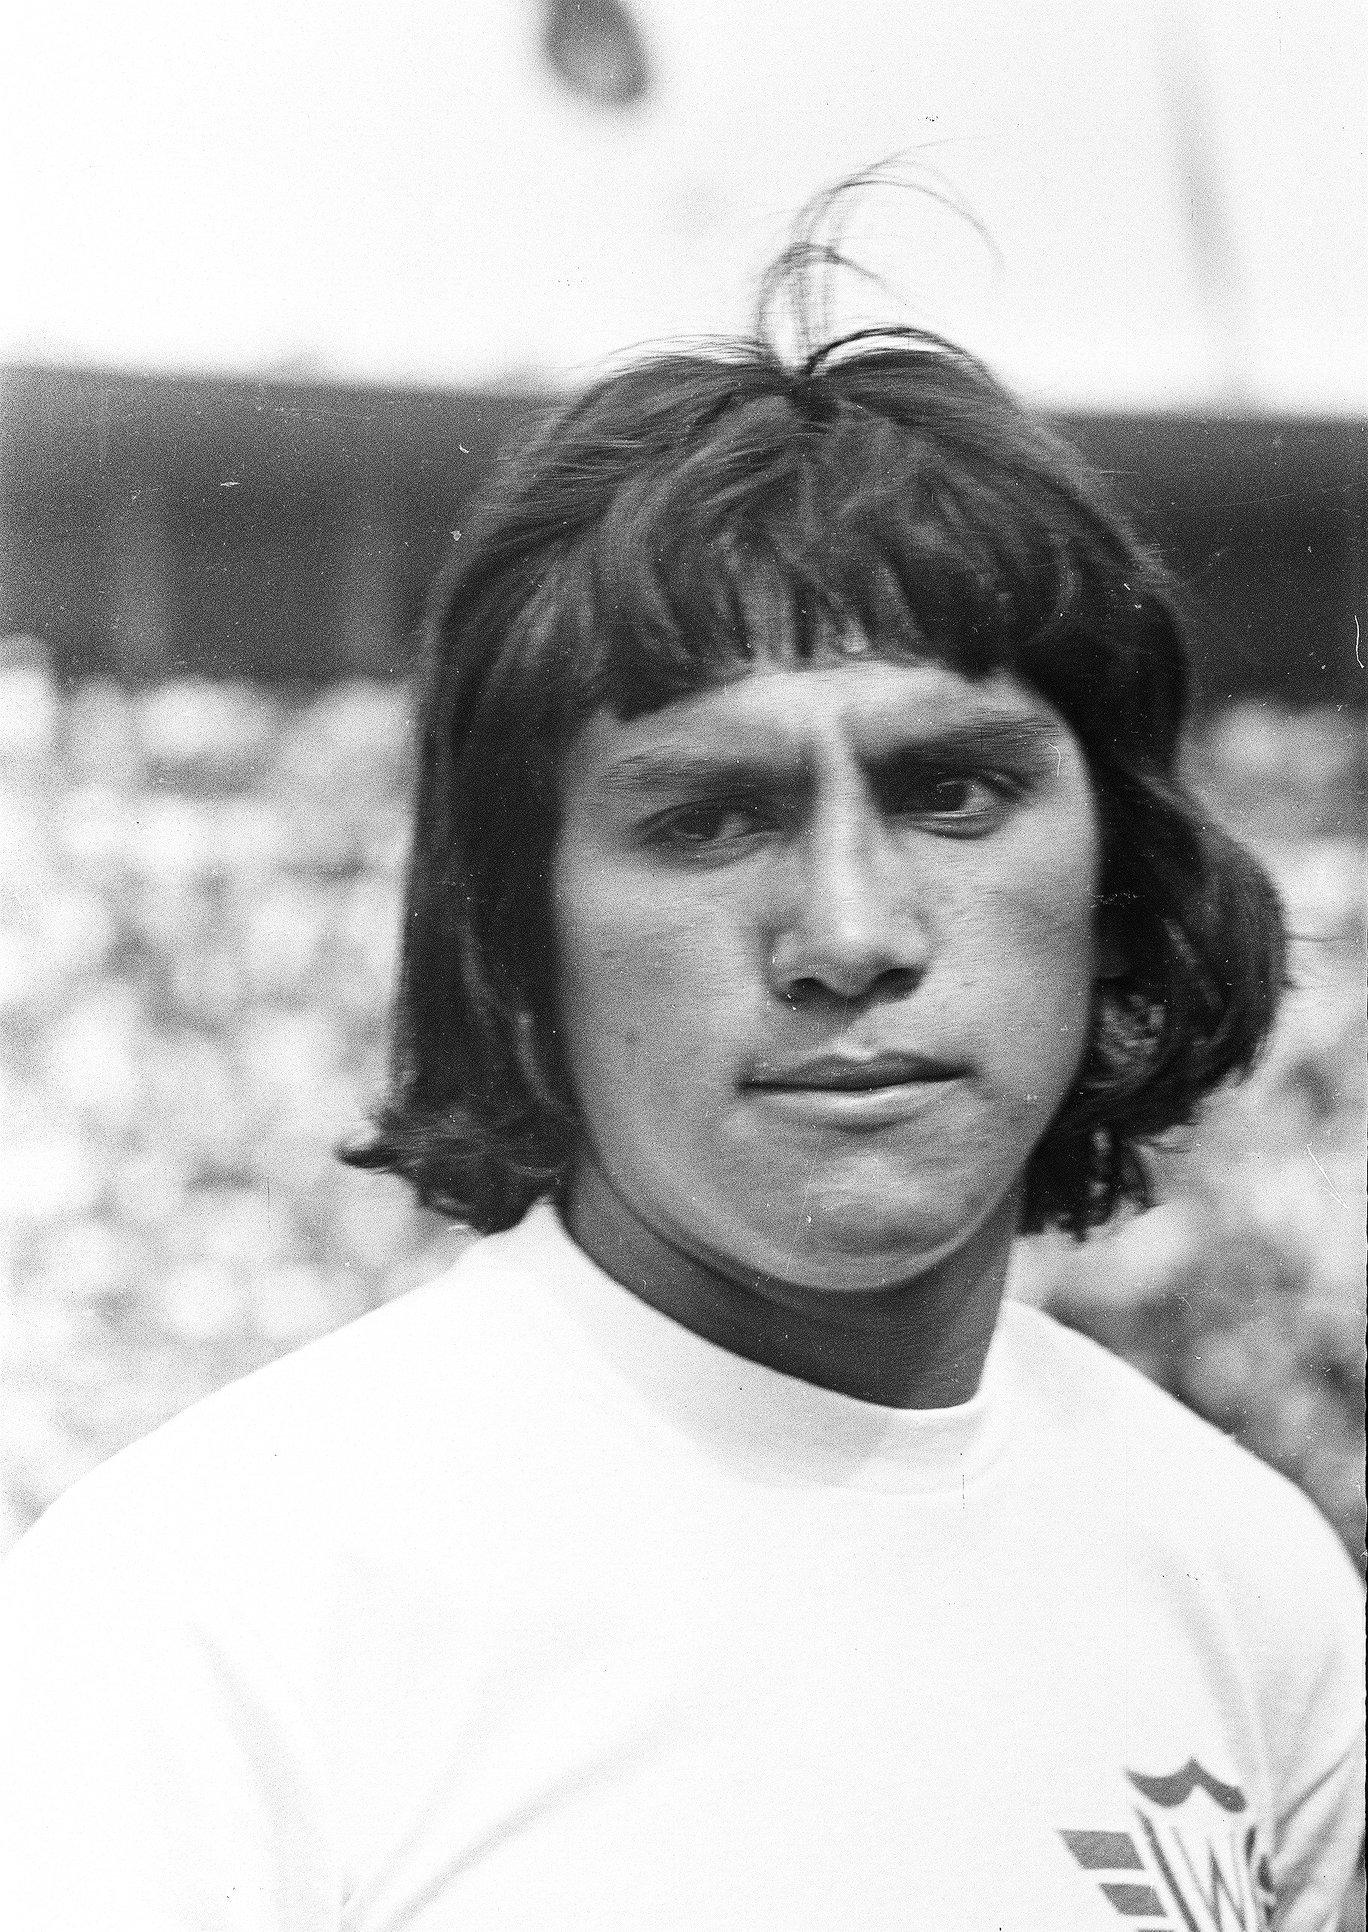 1971 - El Diablo Alberto Baptista Estrada